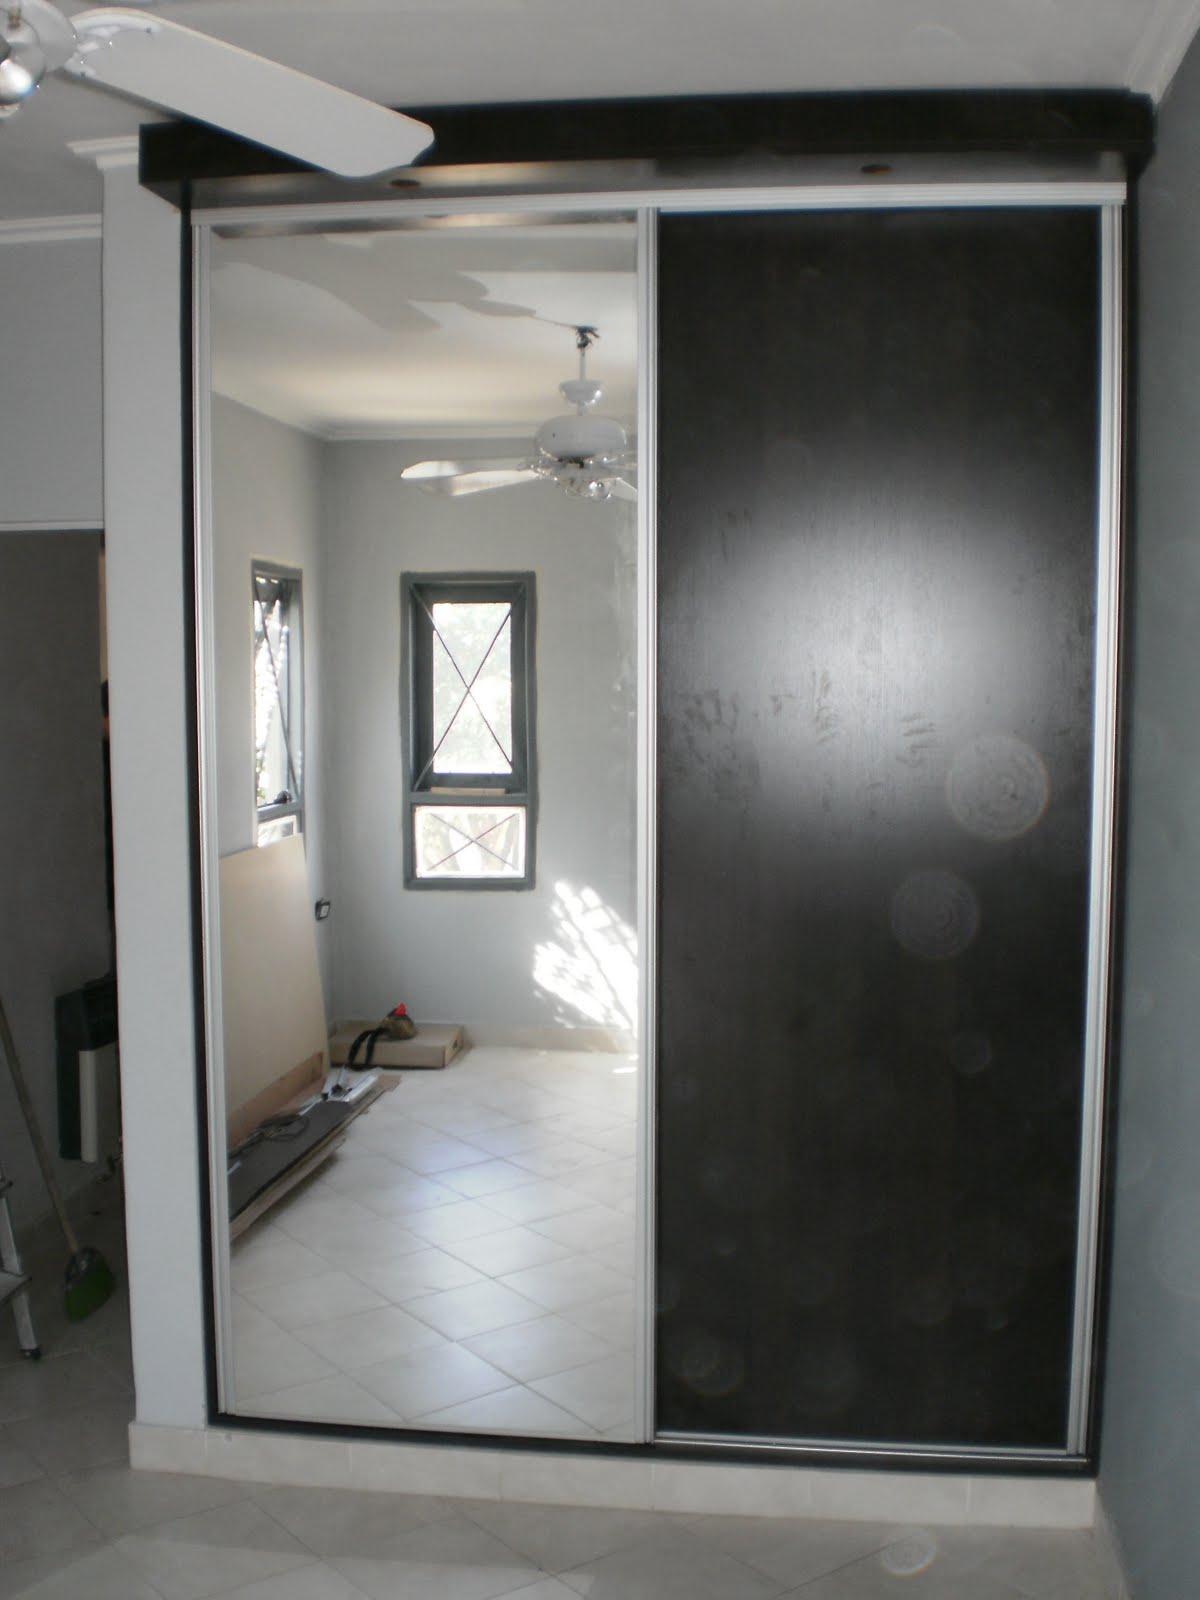 D f r muebles placard con puertas corredisas una con espejo for Puertas con espejo